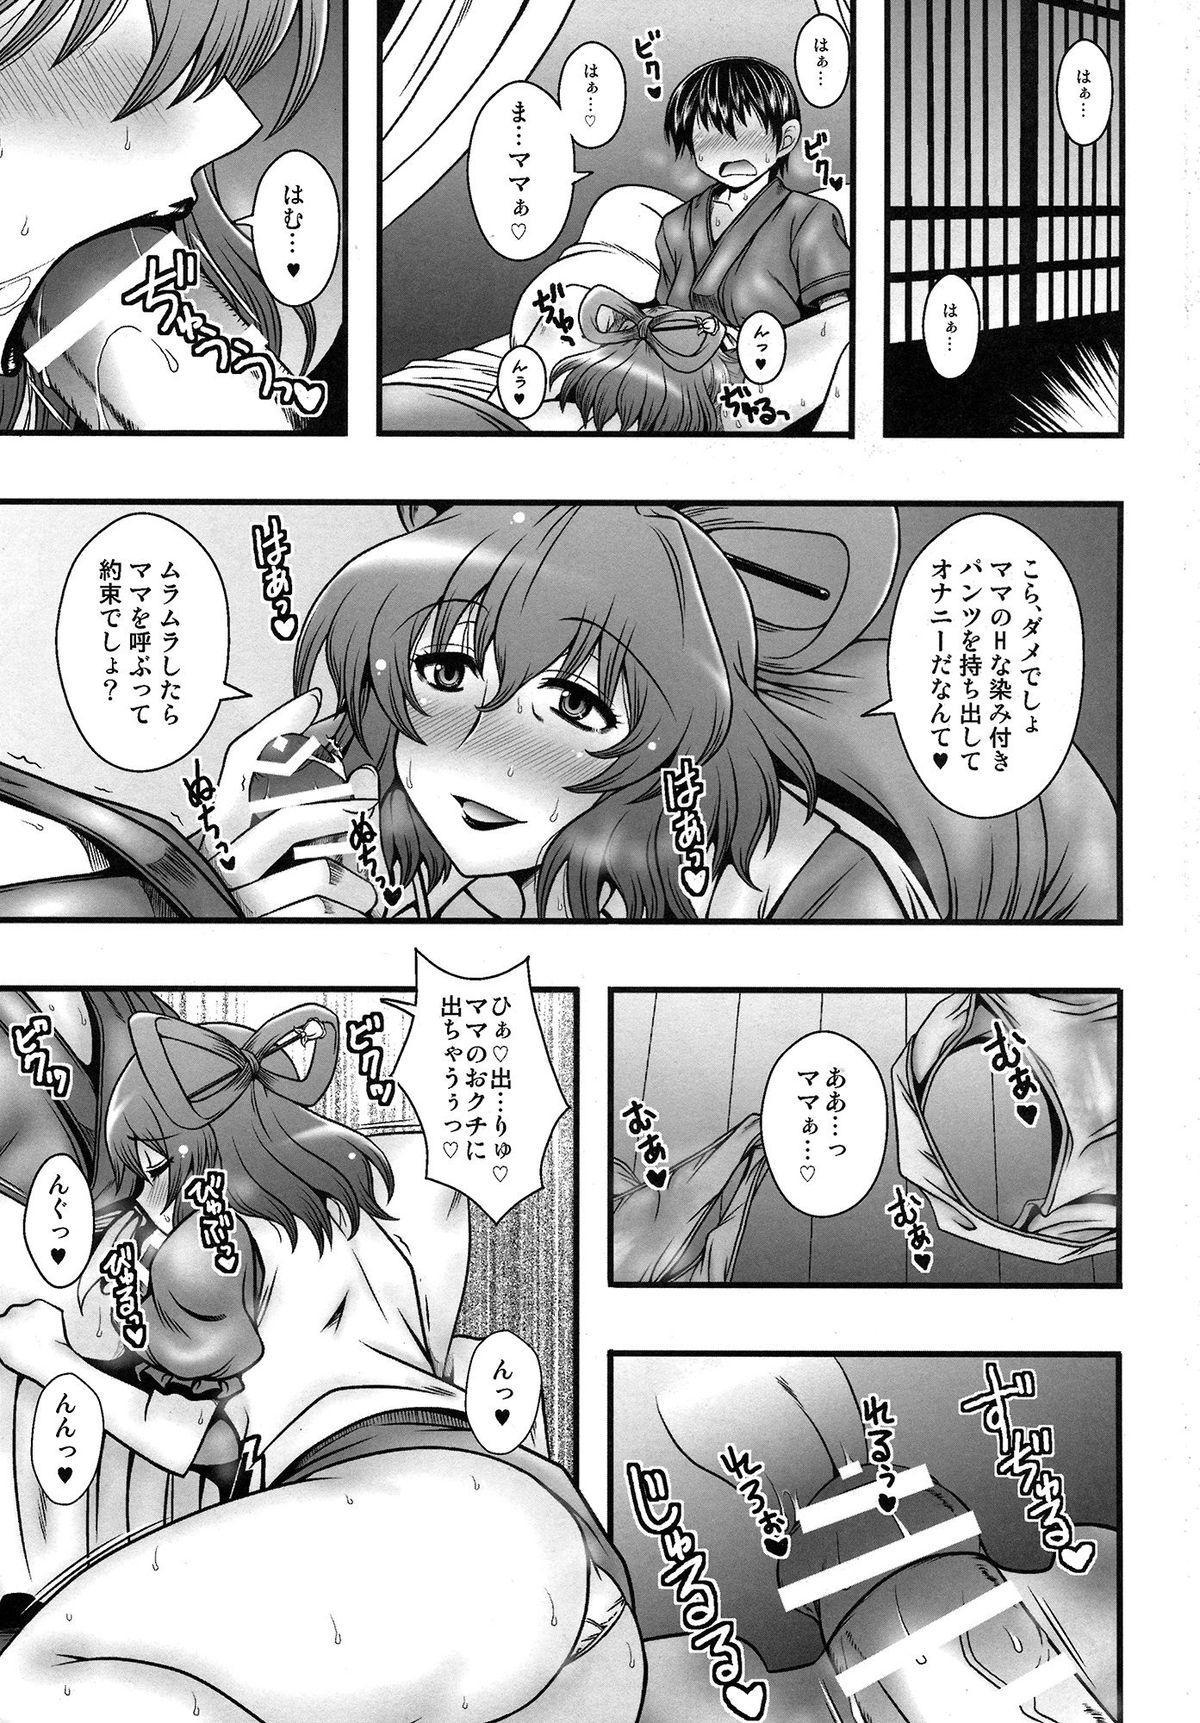 Seiga-mama no Hazukashii Nioi 3